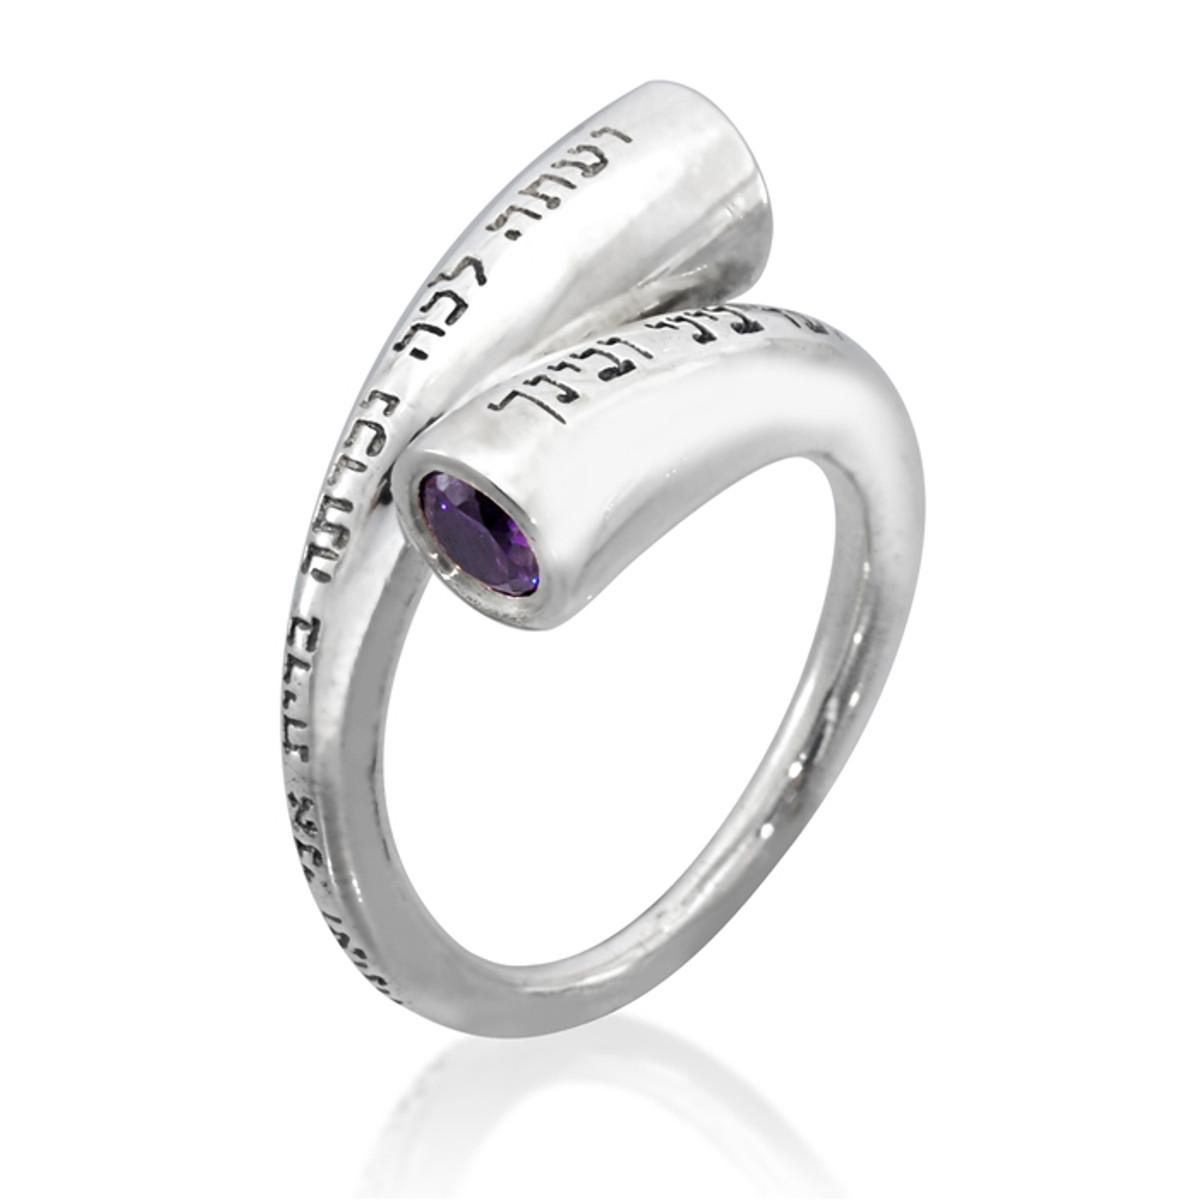 Haari Kabbalah Silver Berit olam Everlasting Covenant silver ring with gemstones Ring